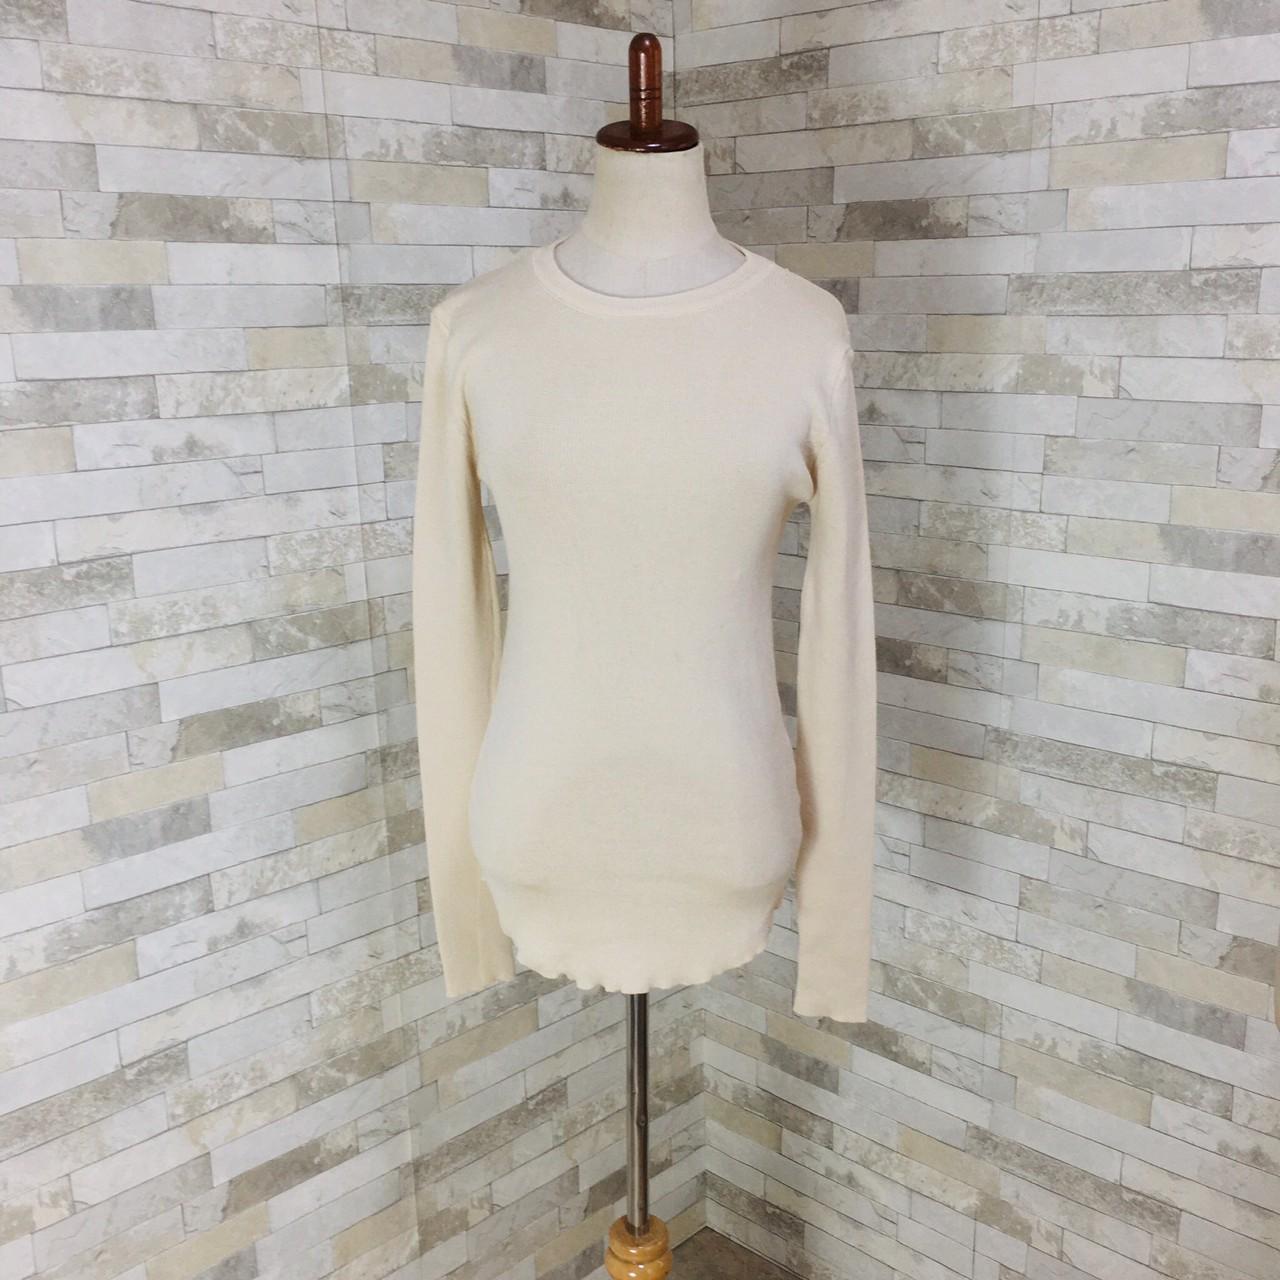 韓国 ファッション トップス ニット セーター 春 夏 秋 カジュアル PTXI258  シアー 薄手 リブニット ジャケットインナー オルチャン シンプル 定番 セレカジの写真17枚目